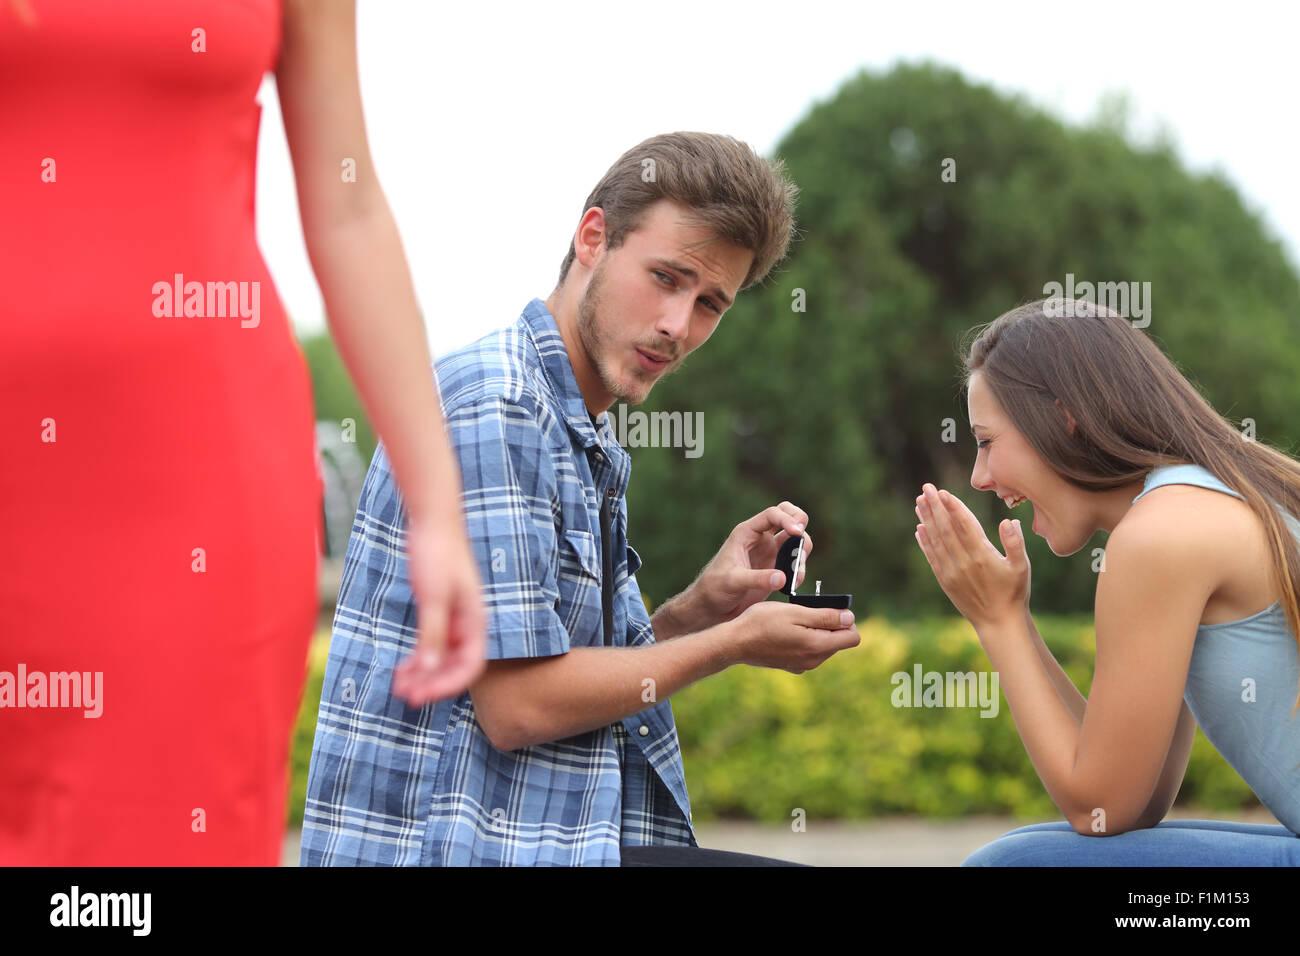 Hombre tramposos engañando durante una propuesta de matrimonio con su novia inocente Imagen De Stock